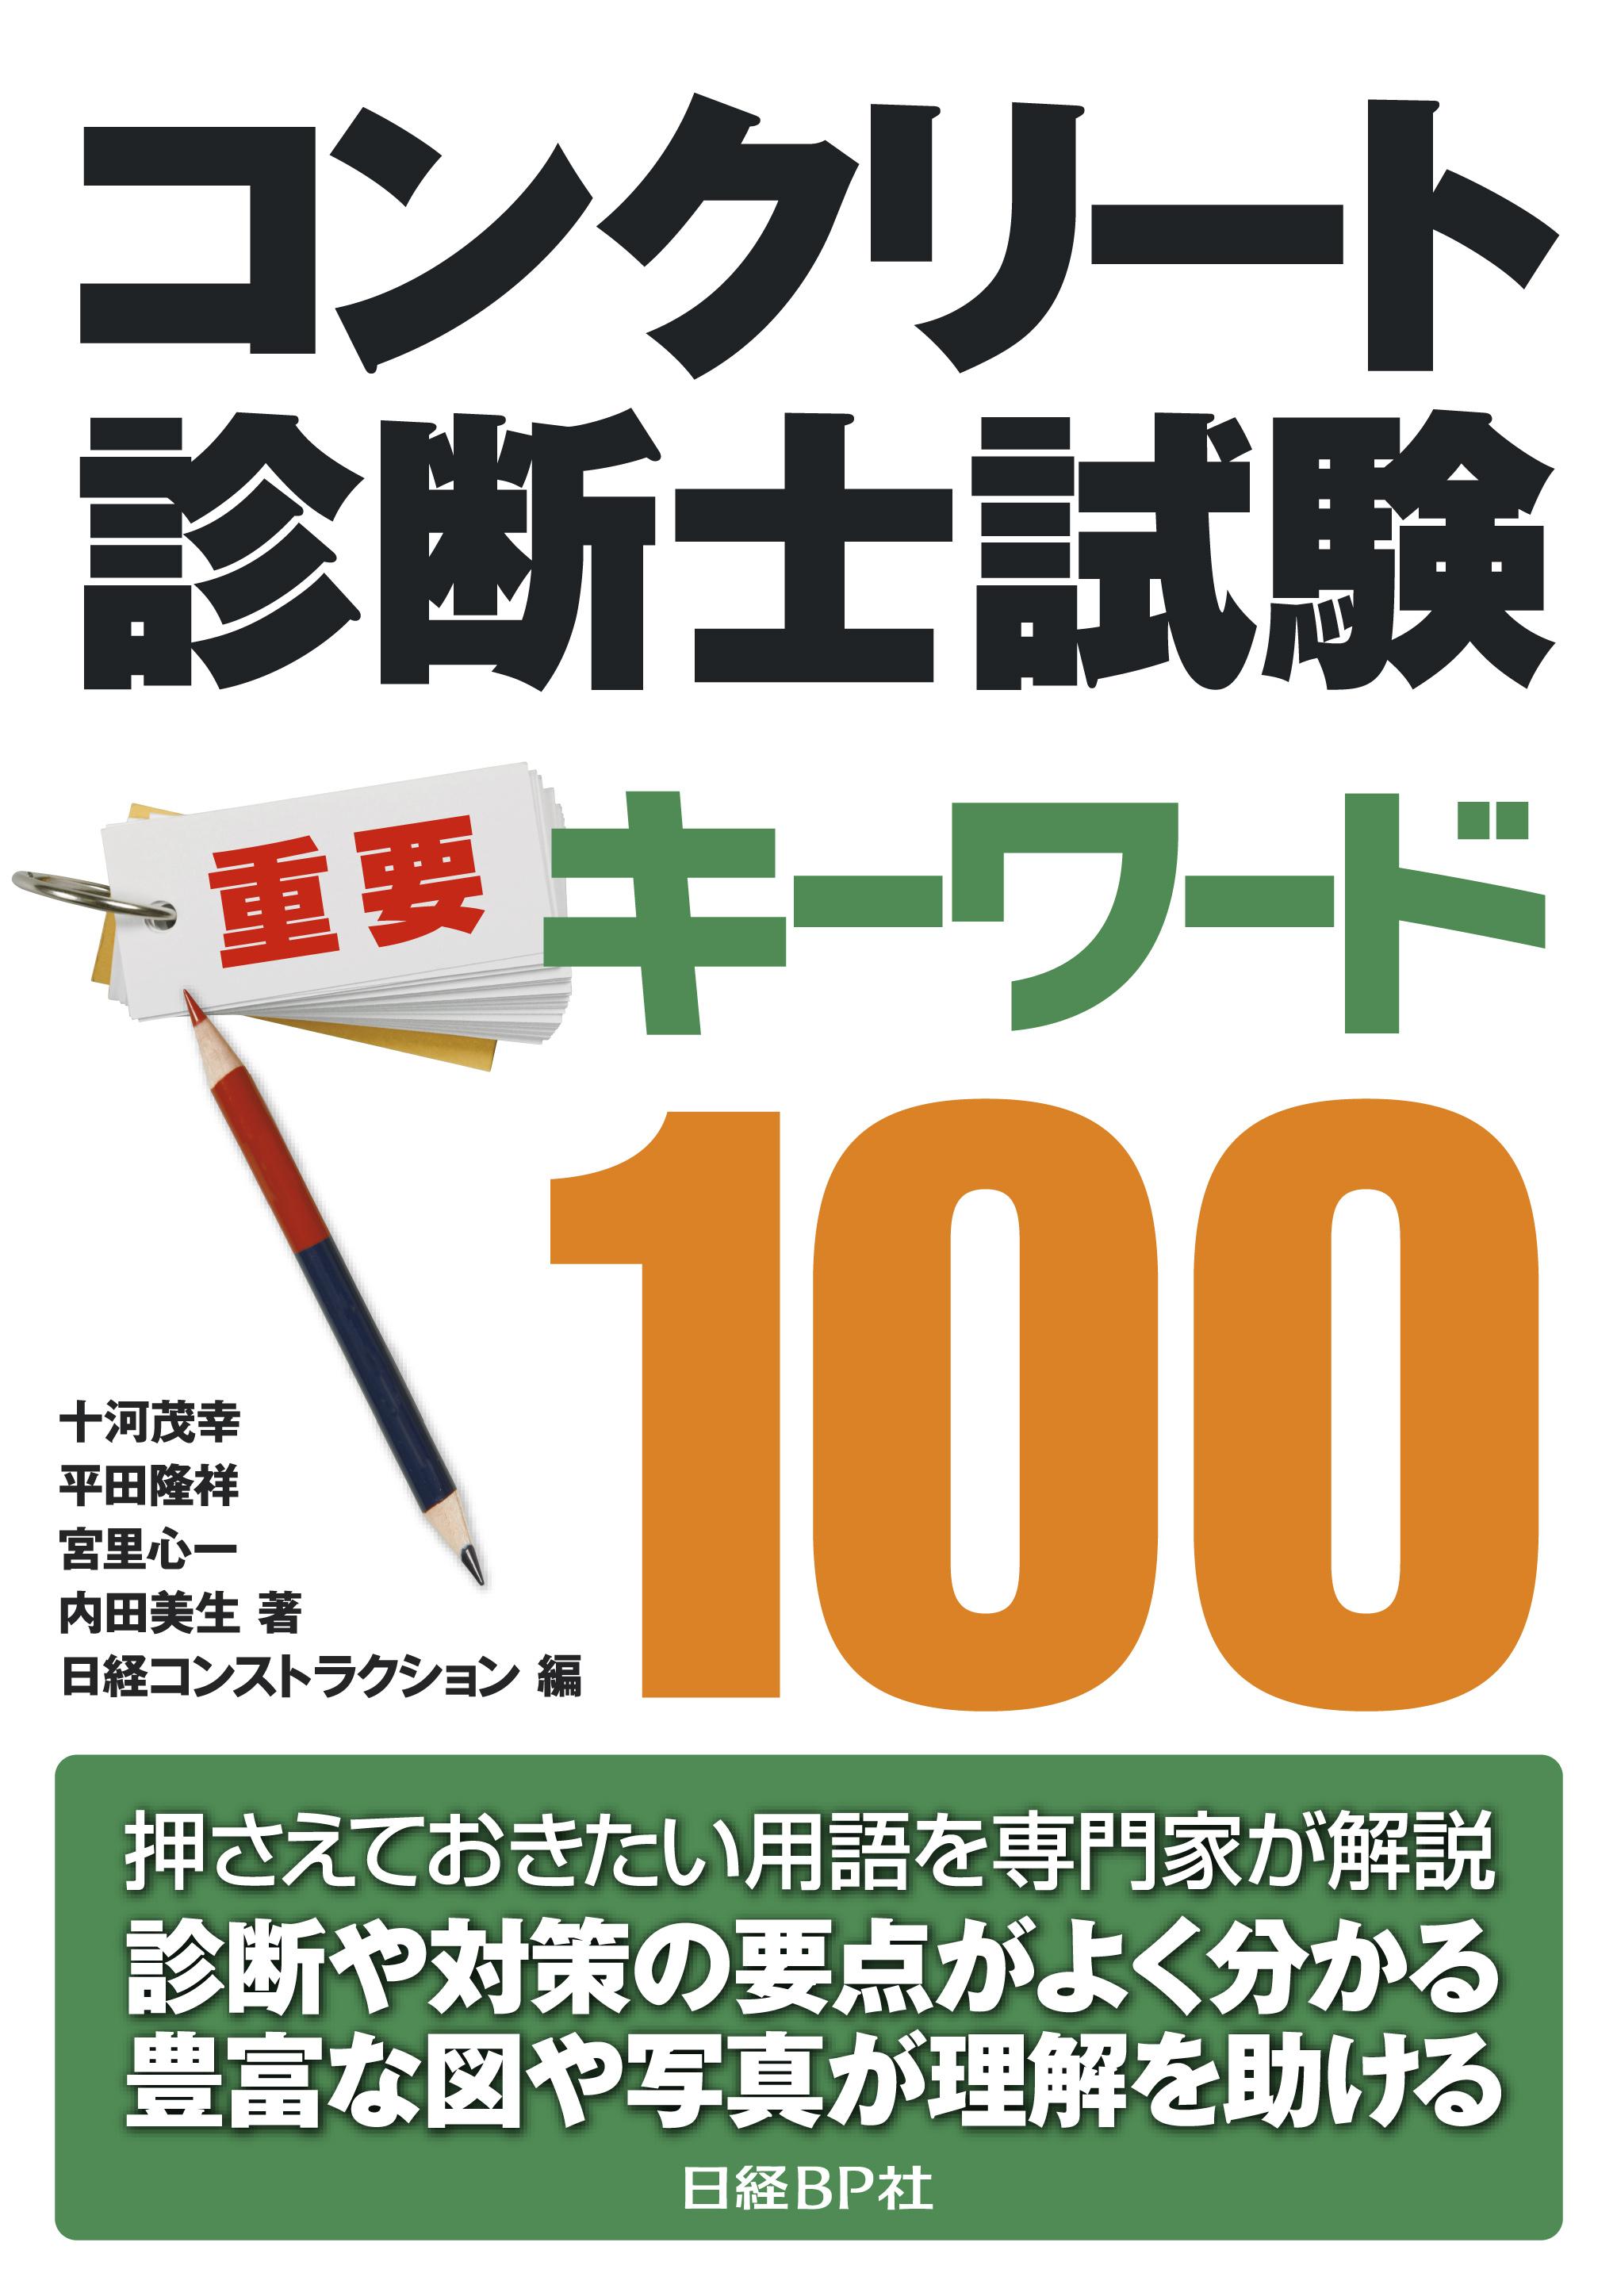 コンクリート診断士試験 重要キーワード100